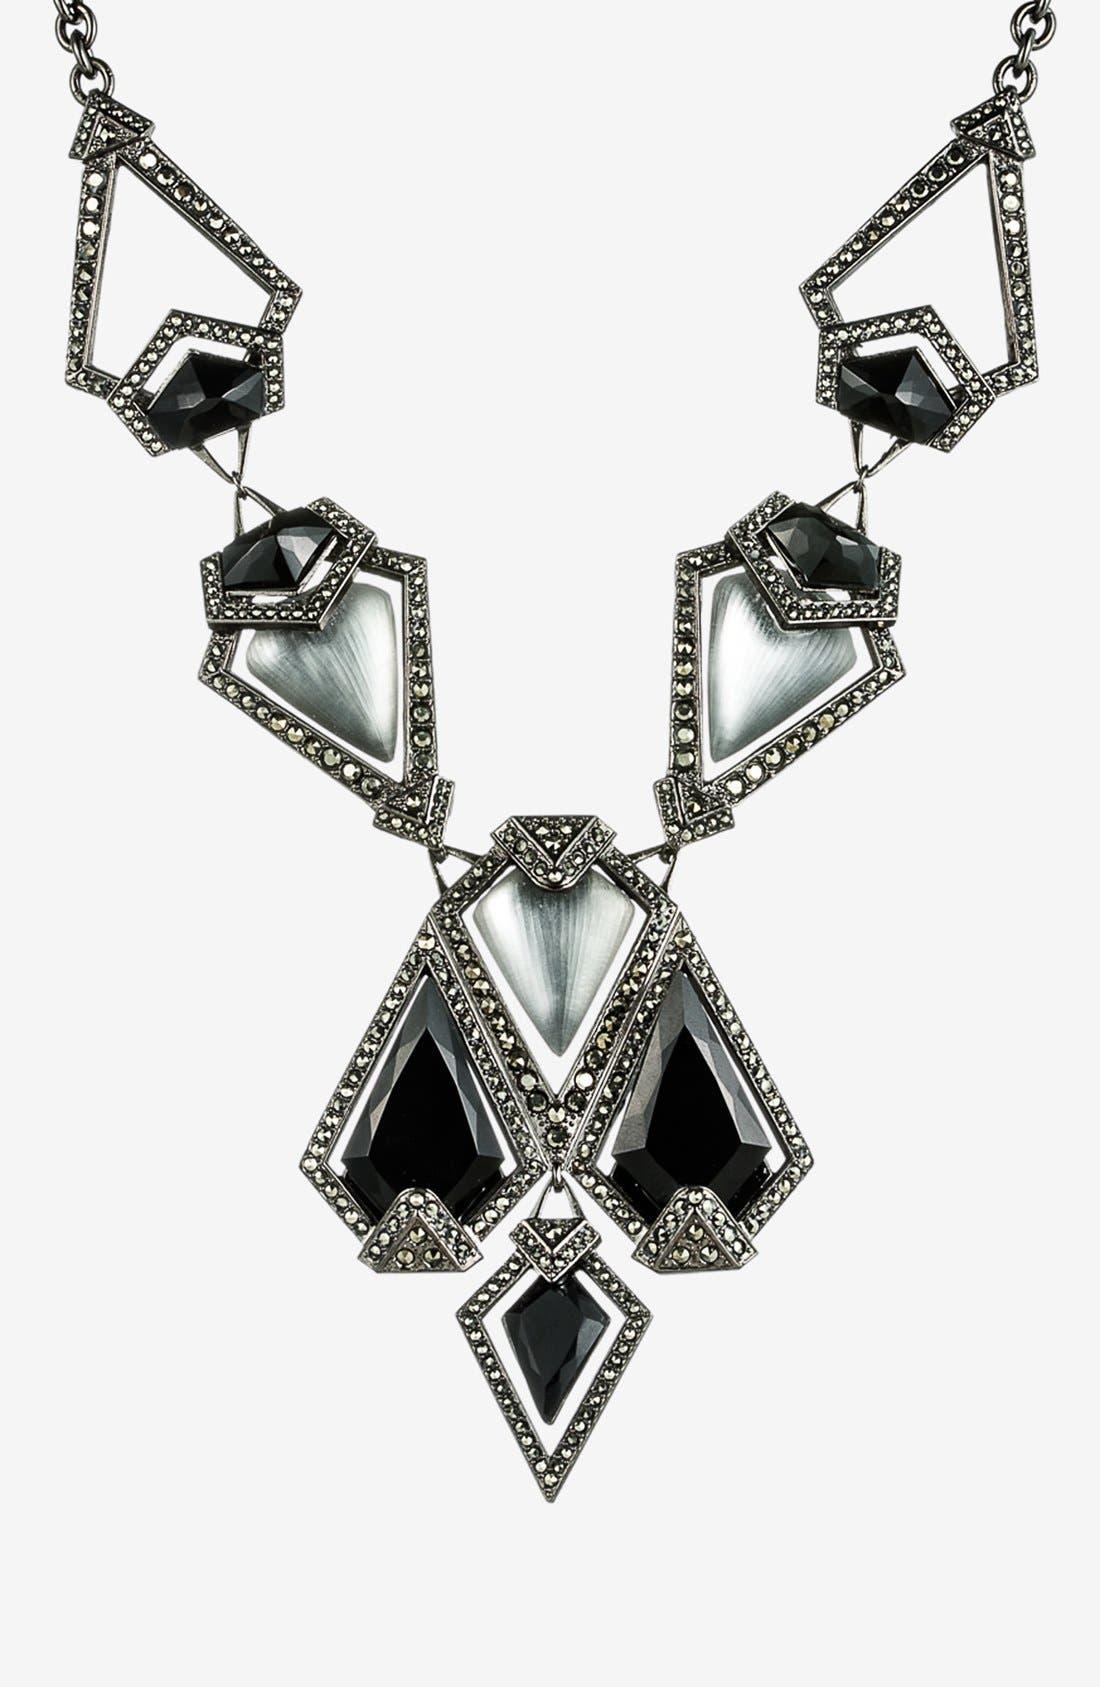 Main Image - Alexis Bittar 'Lucite® - Santa Fe Deco' Pavé Bib Statement Necklace